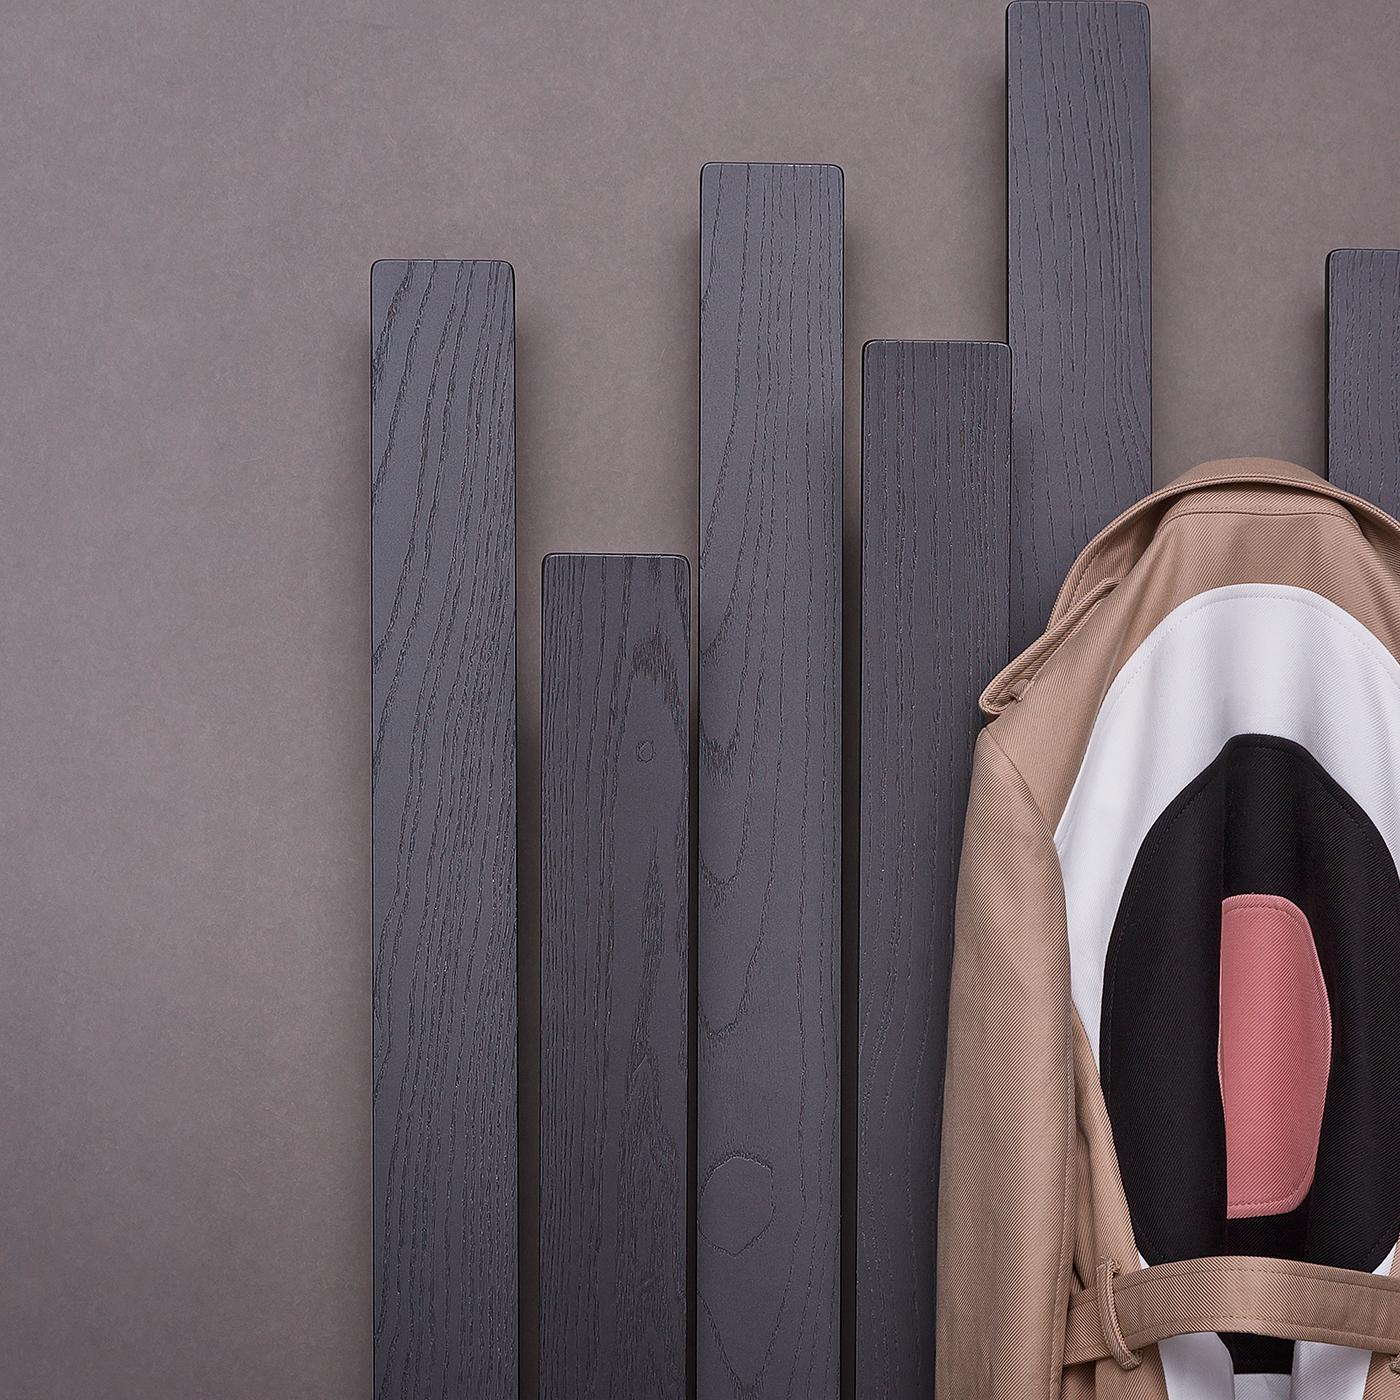 Natevo Ski Clothes Stand By Pinuccio Borgonovo